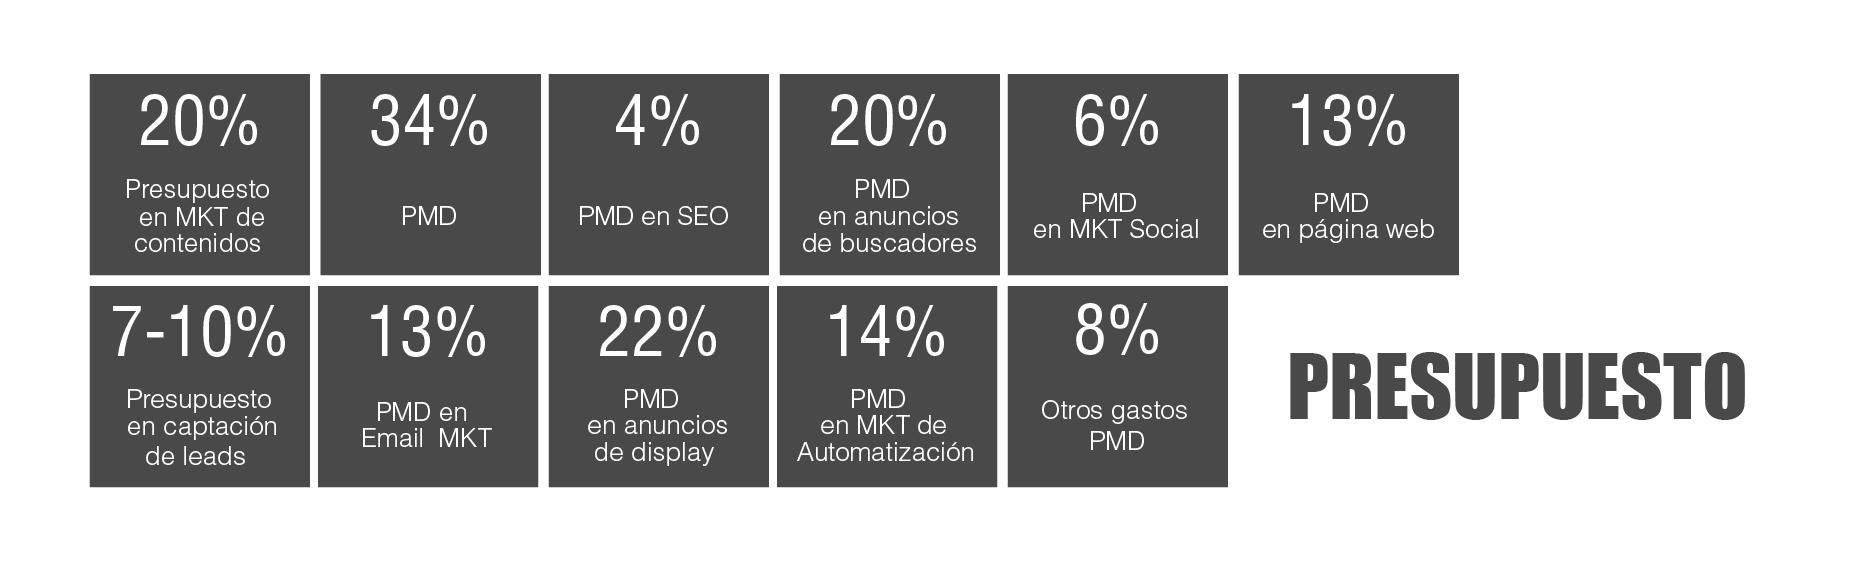 tabla periódica de marketing digital B2B: Presupuesto